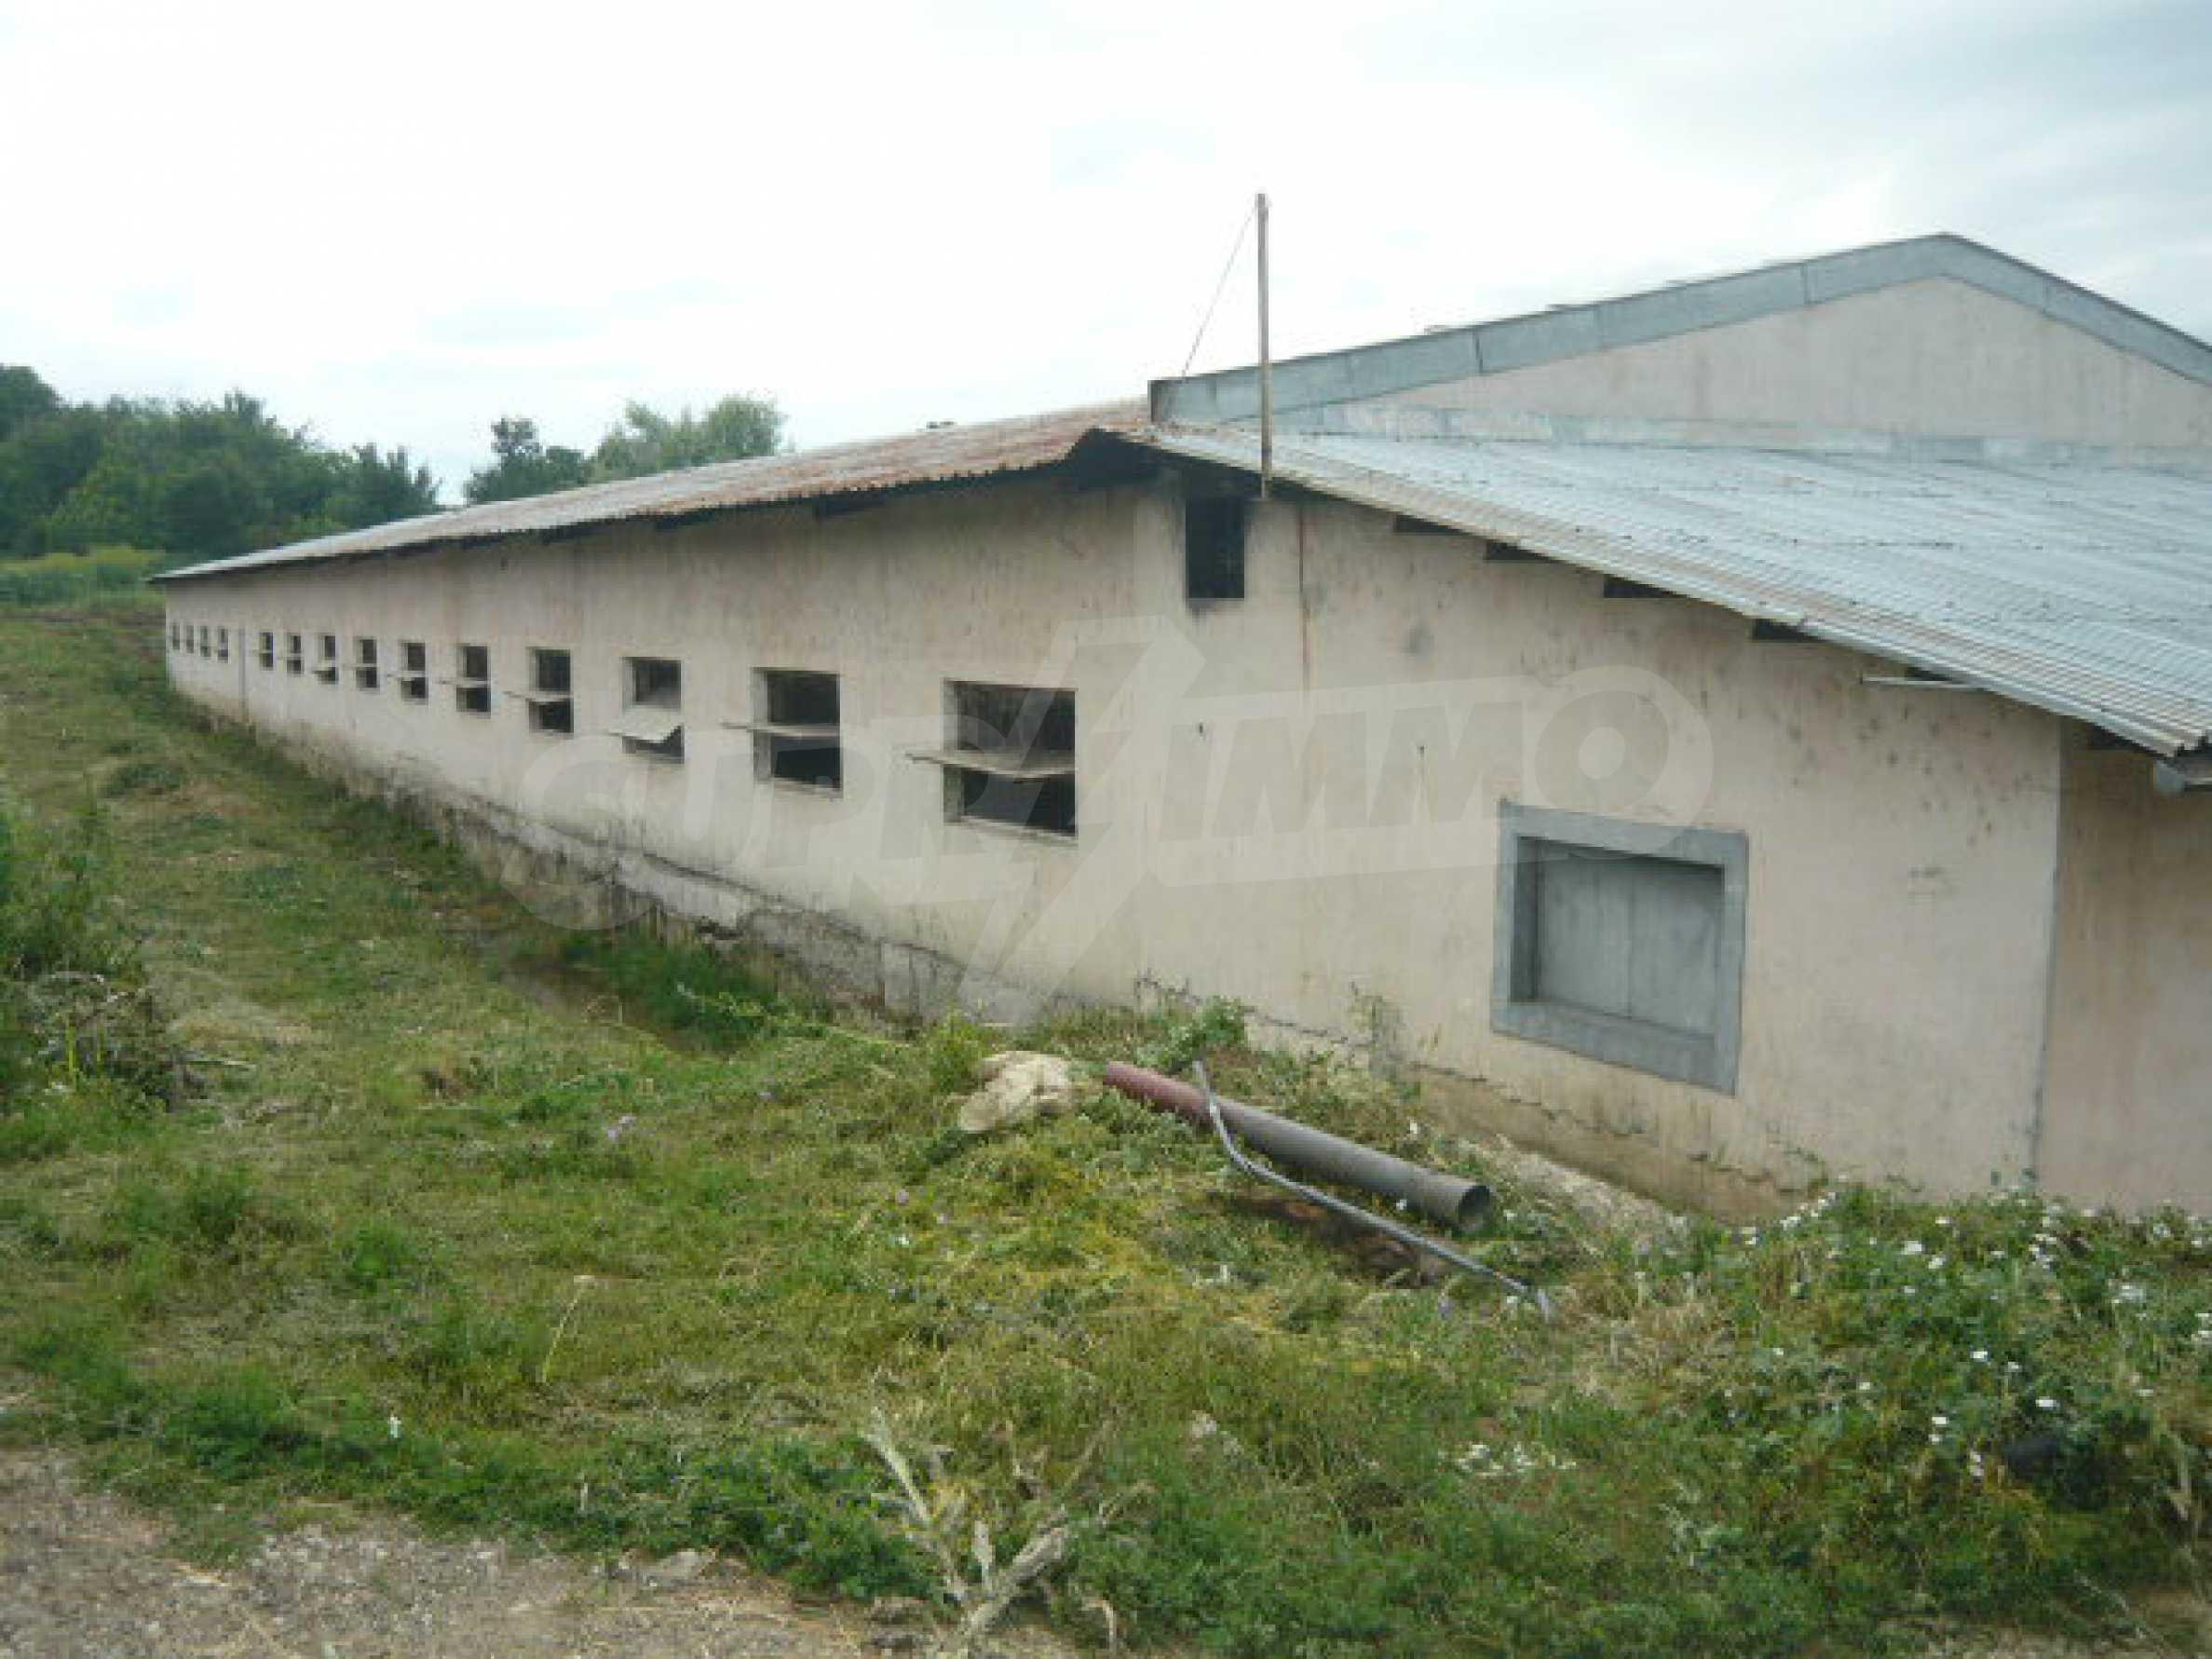 Neues Bauernhaus in einem Dorf in der Nähe von Veliko Tarnovo 17